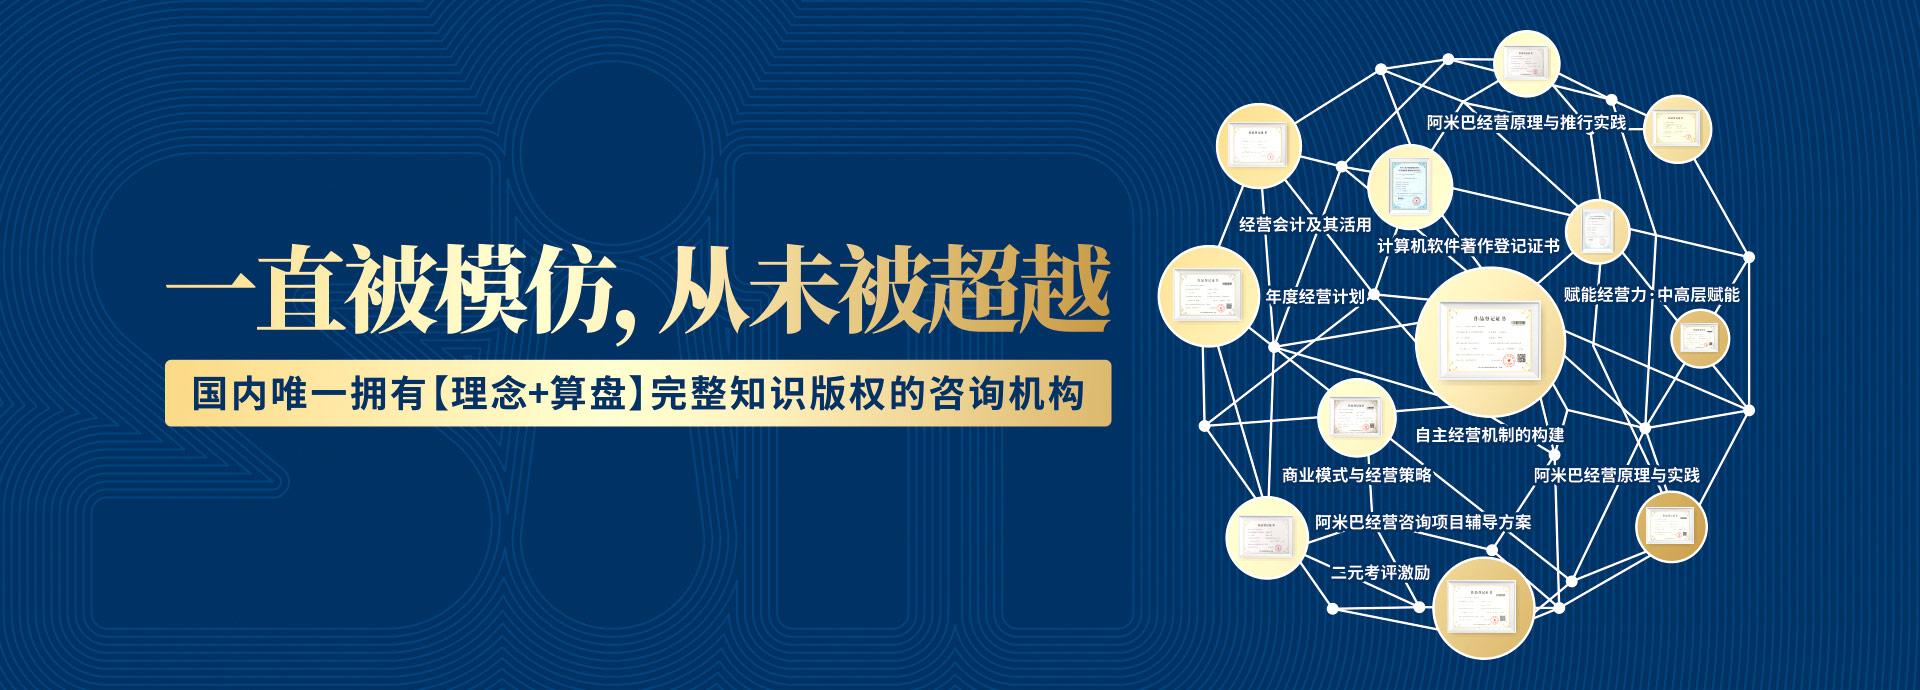 广州道成咨询-广州市阿米巴经营管理研究院-阿米巴版权证书banner